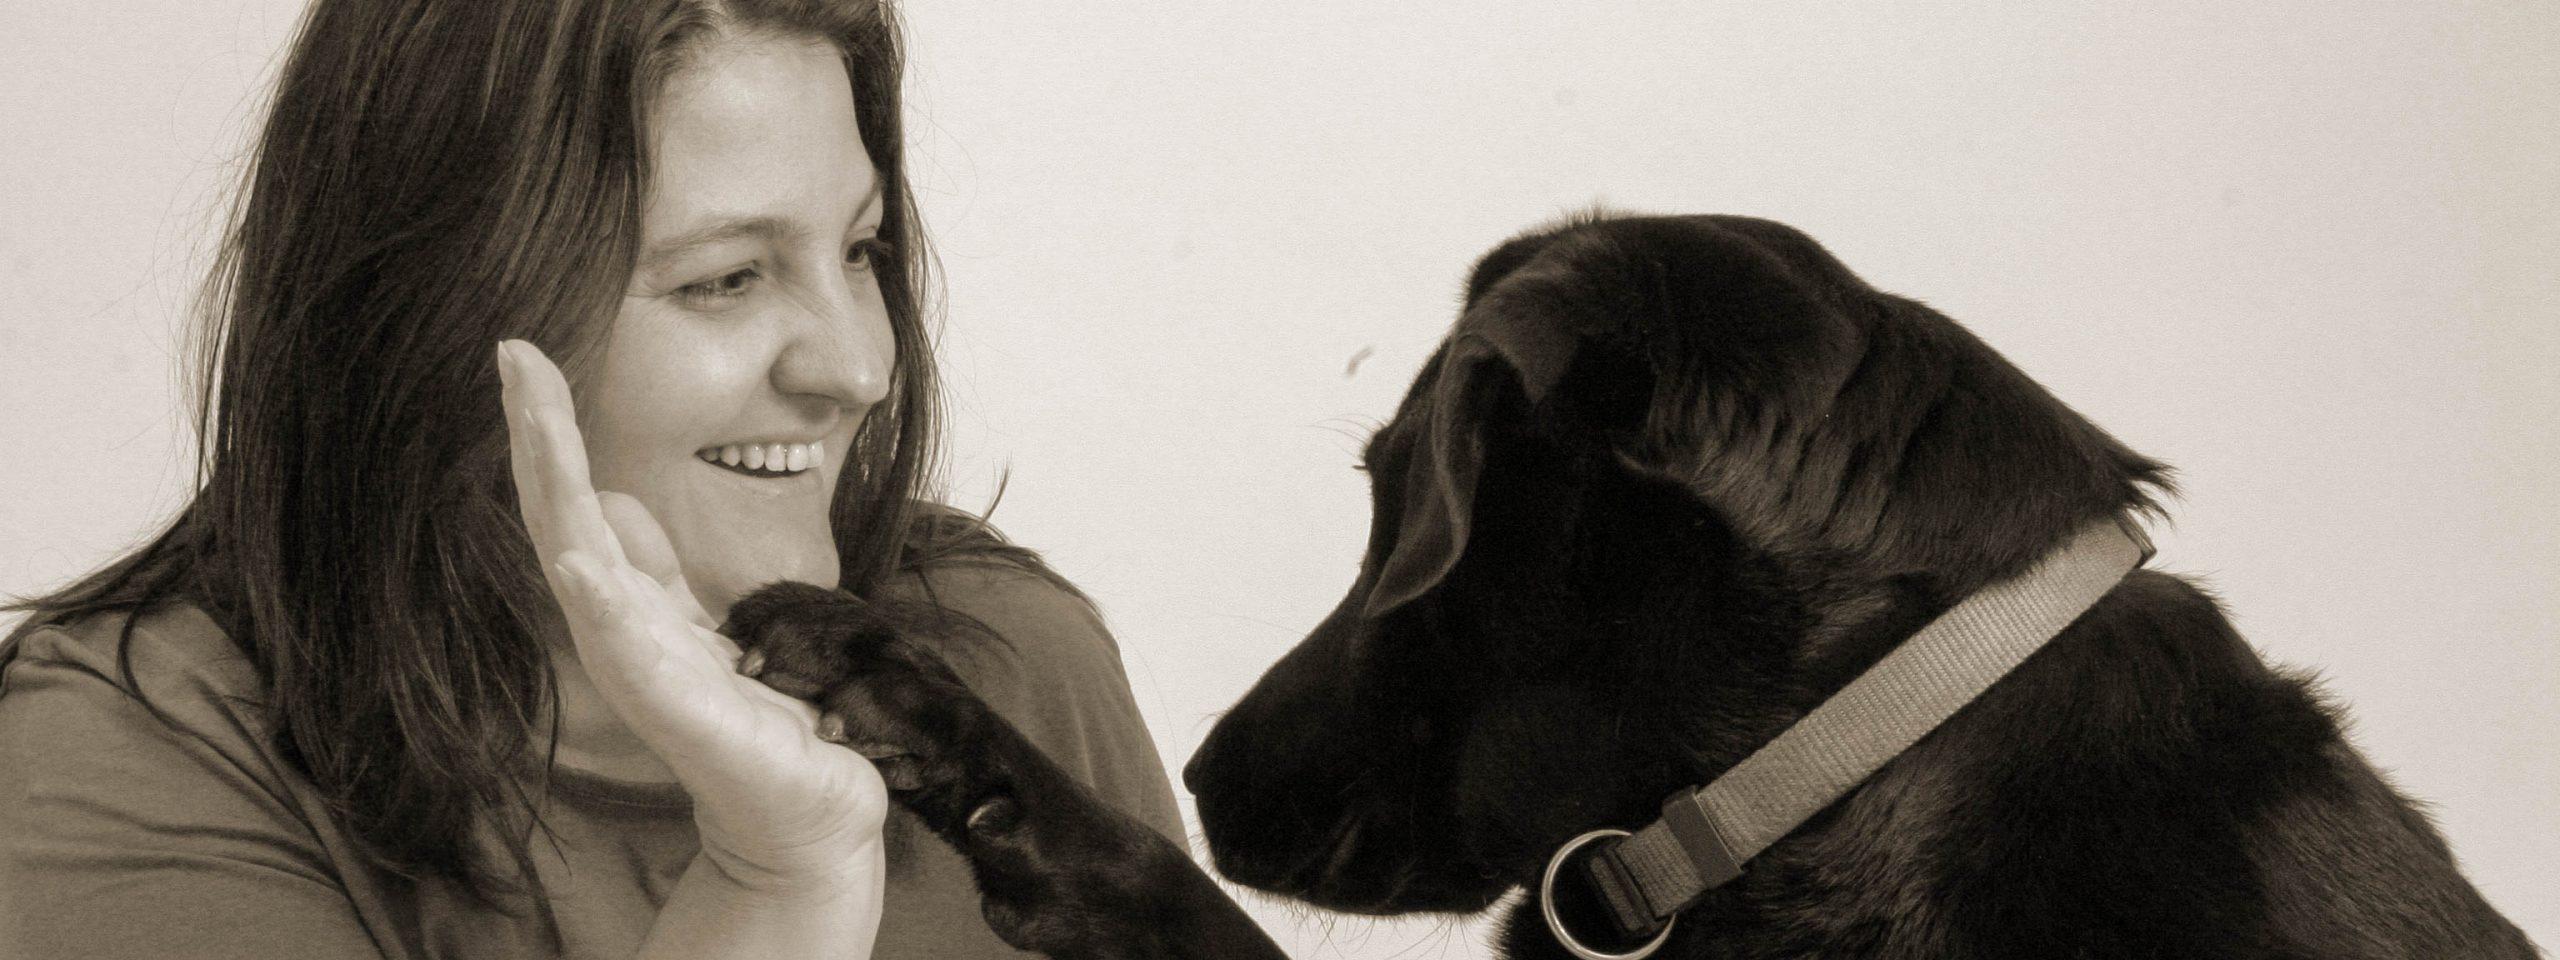 Labrador schlägt seine Pfote in die Hand seines Frauchens